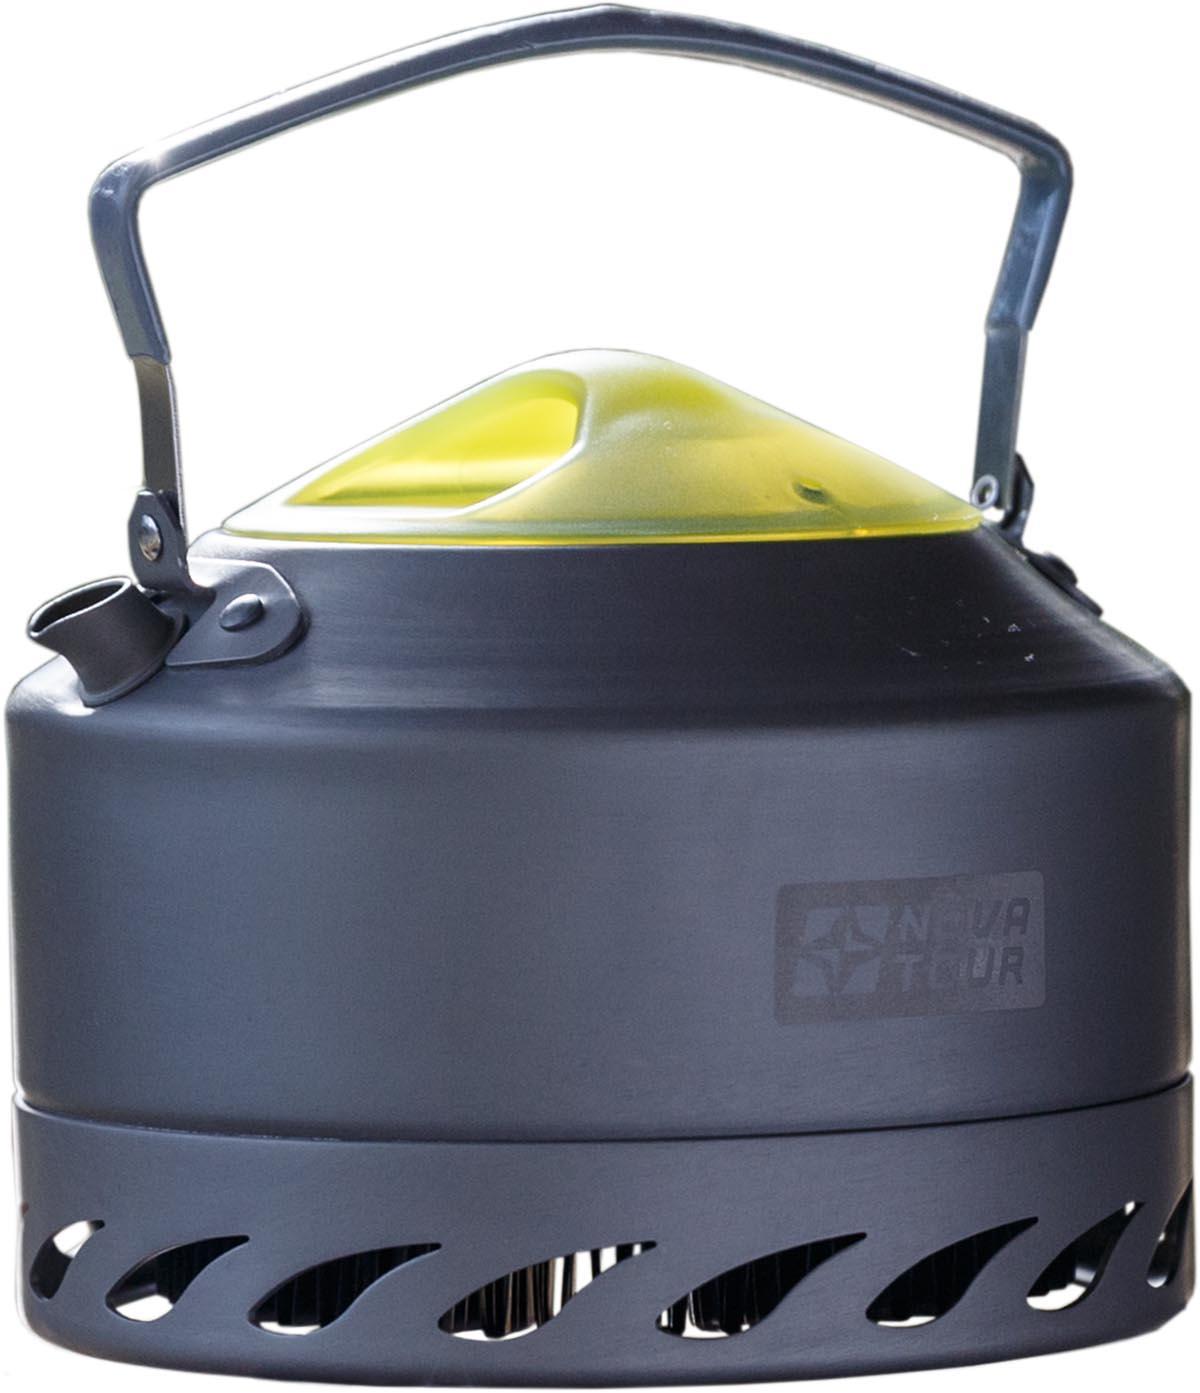 Чайник Nova Tour Инферно, 0,9 л, цвет: металлик, красныйVT-1520(SR)Чайник Nova Tour Инферно с радиаторным кольцом на дне, которое позволяет экономить до 50% топлива и уменьшить время приготовления пищи. Небольшой носик не препятствует упаковки в рюкзак.